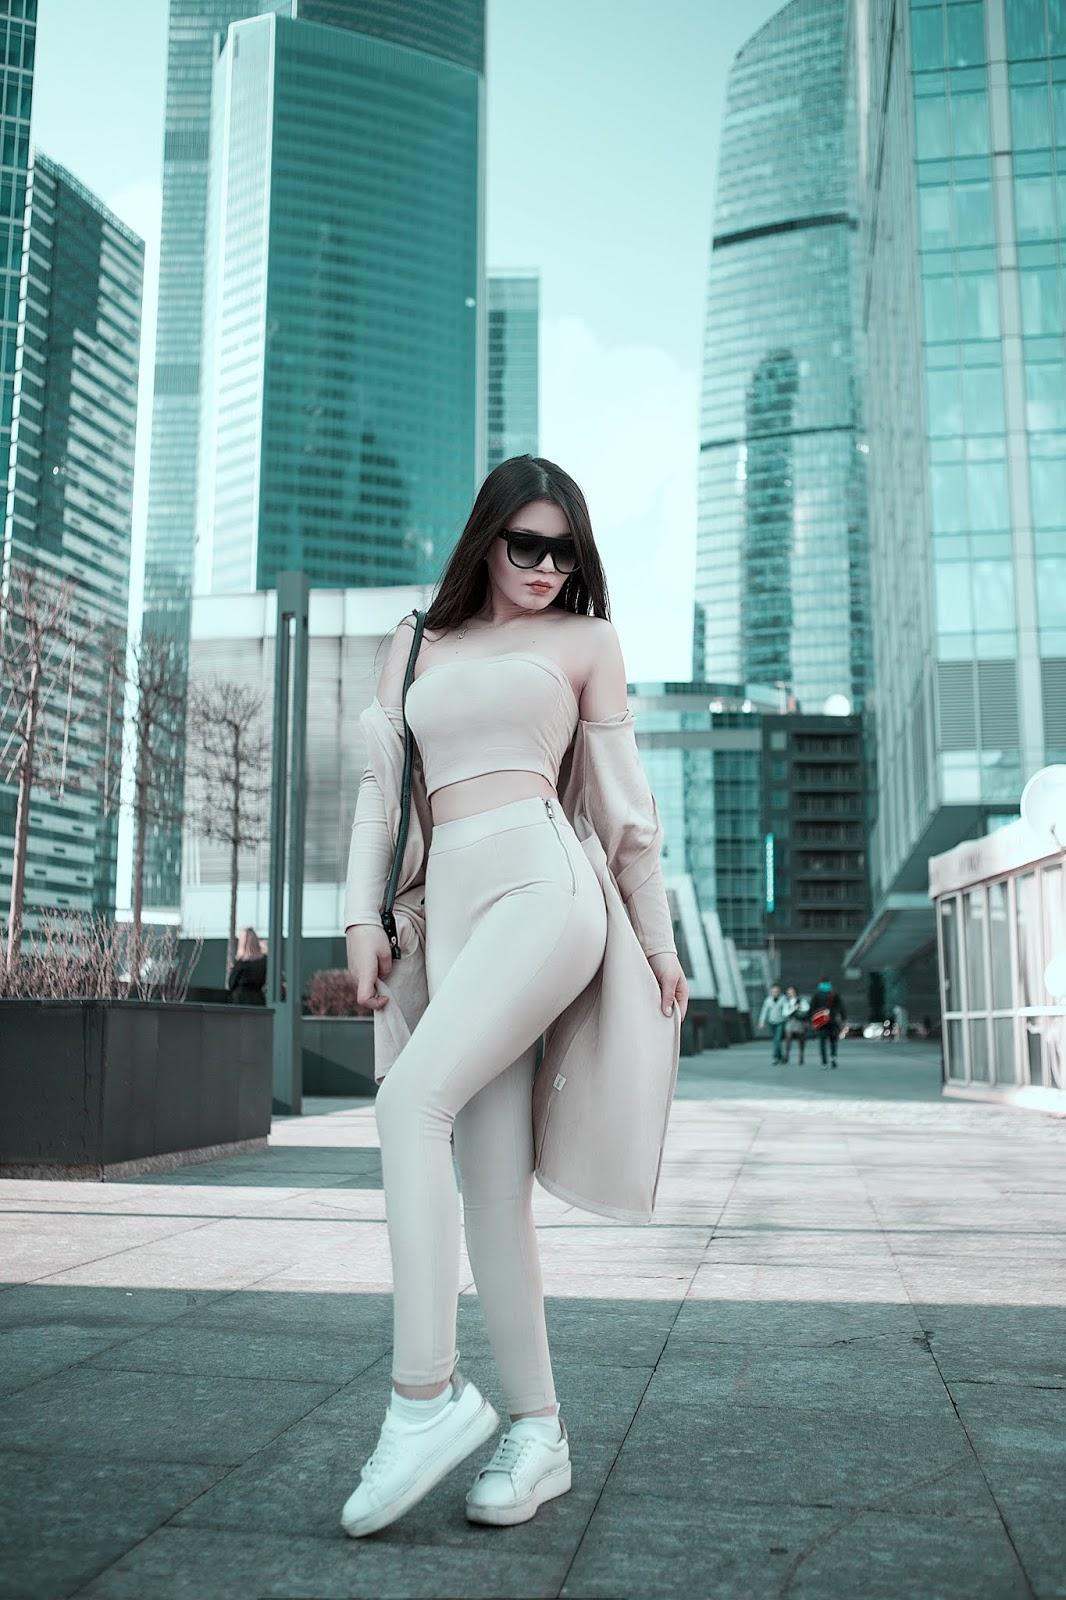 Beyaz Giyinen Kadın